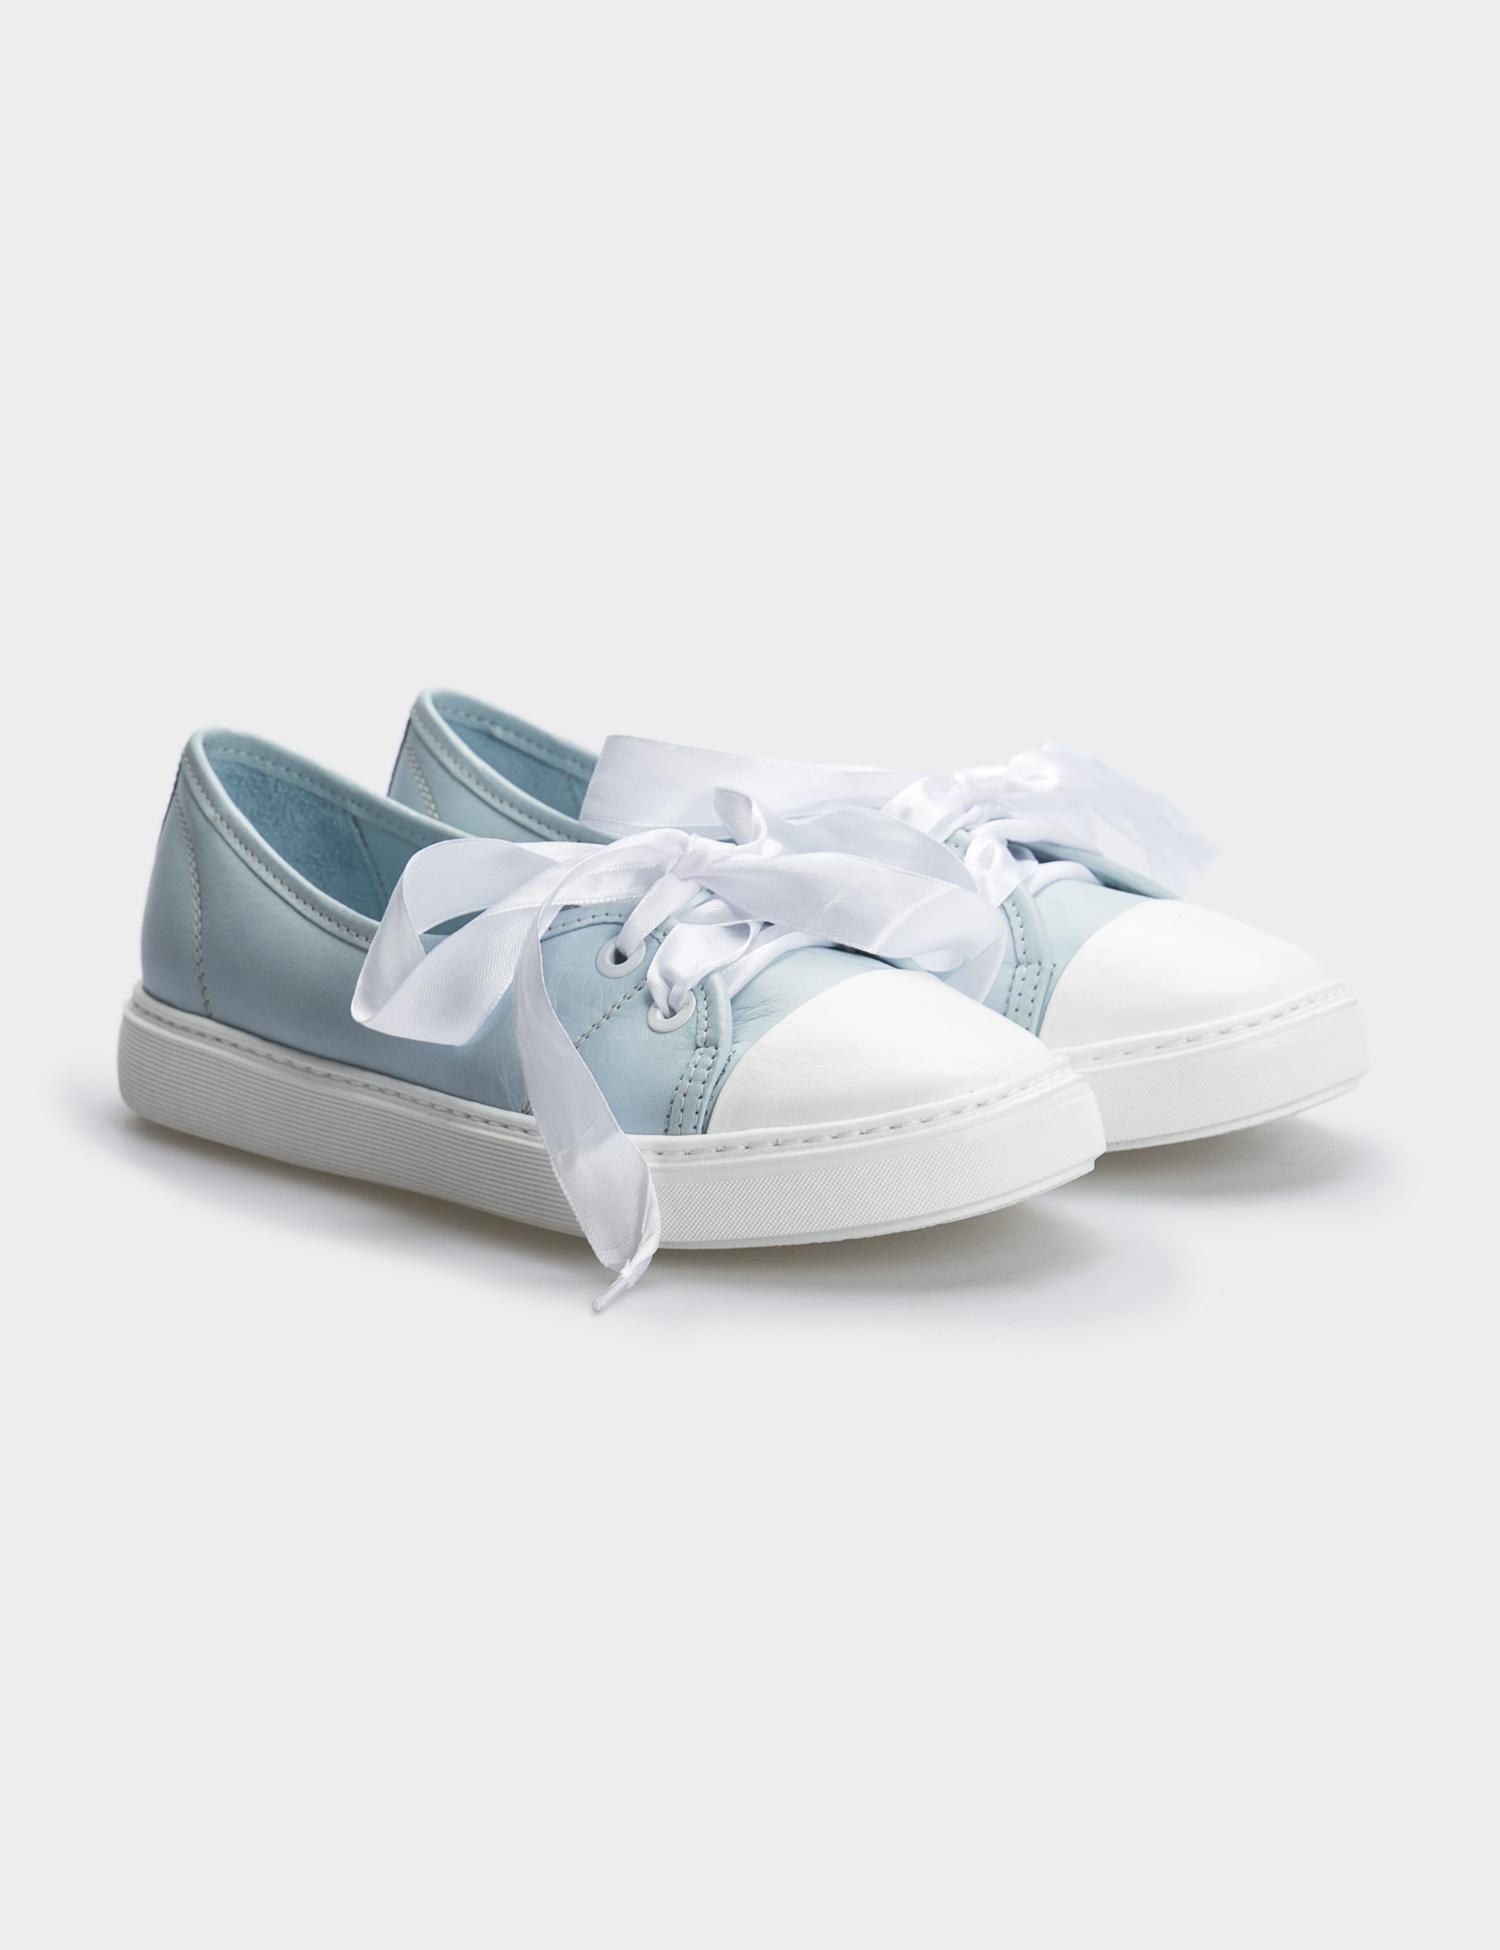 Туфлі  жіночі Кеды 10301454 голубая кожа 10301454 фото, купити, 2017